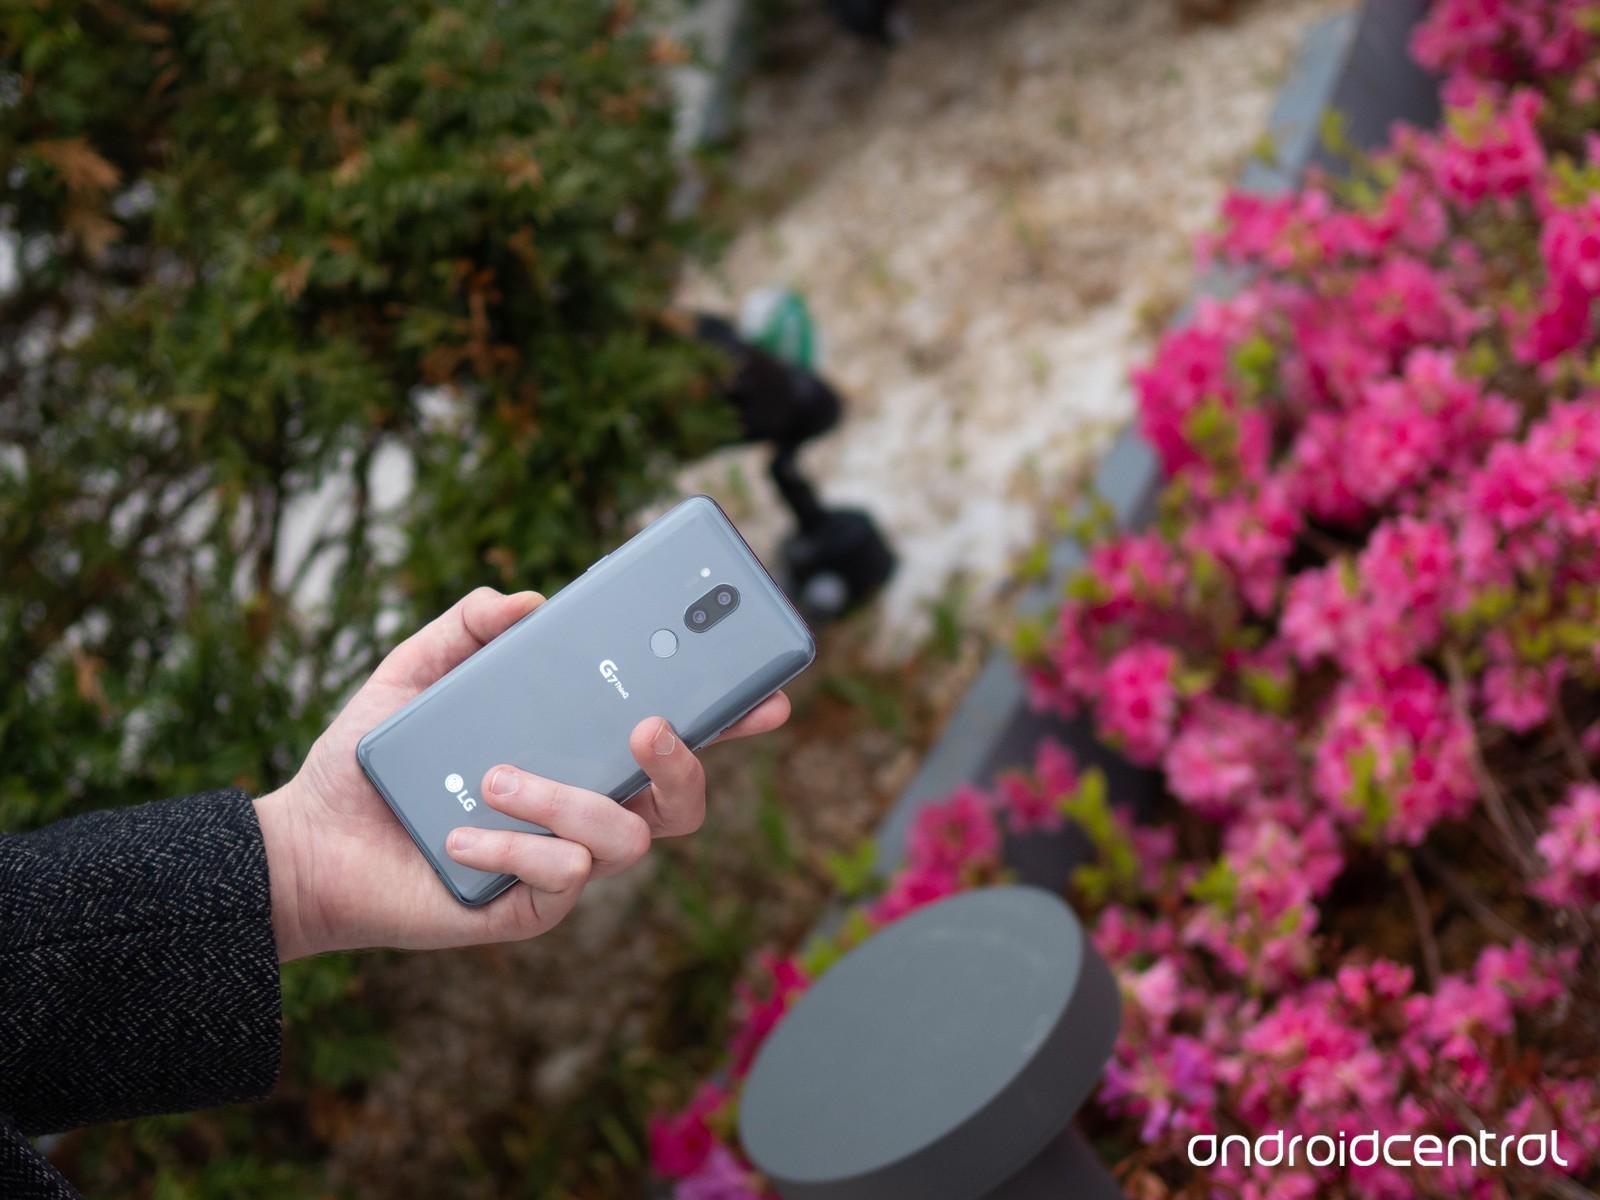 LG G7 ThinQ chính thức ra mắt với Snapdragon 845, 6GB RAM, camera kép, và màn hình tai thỏ